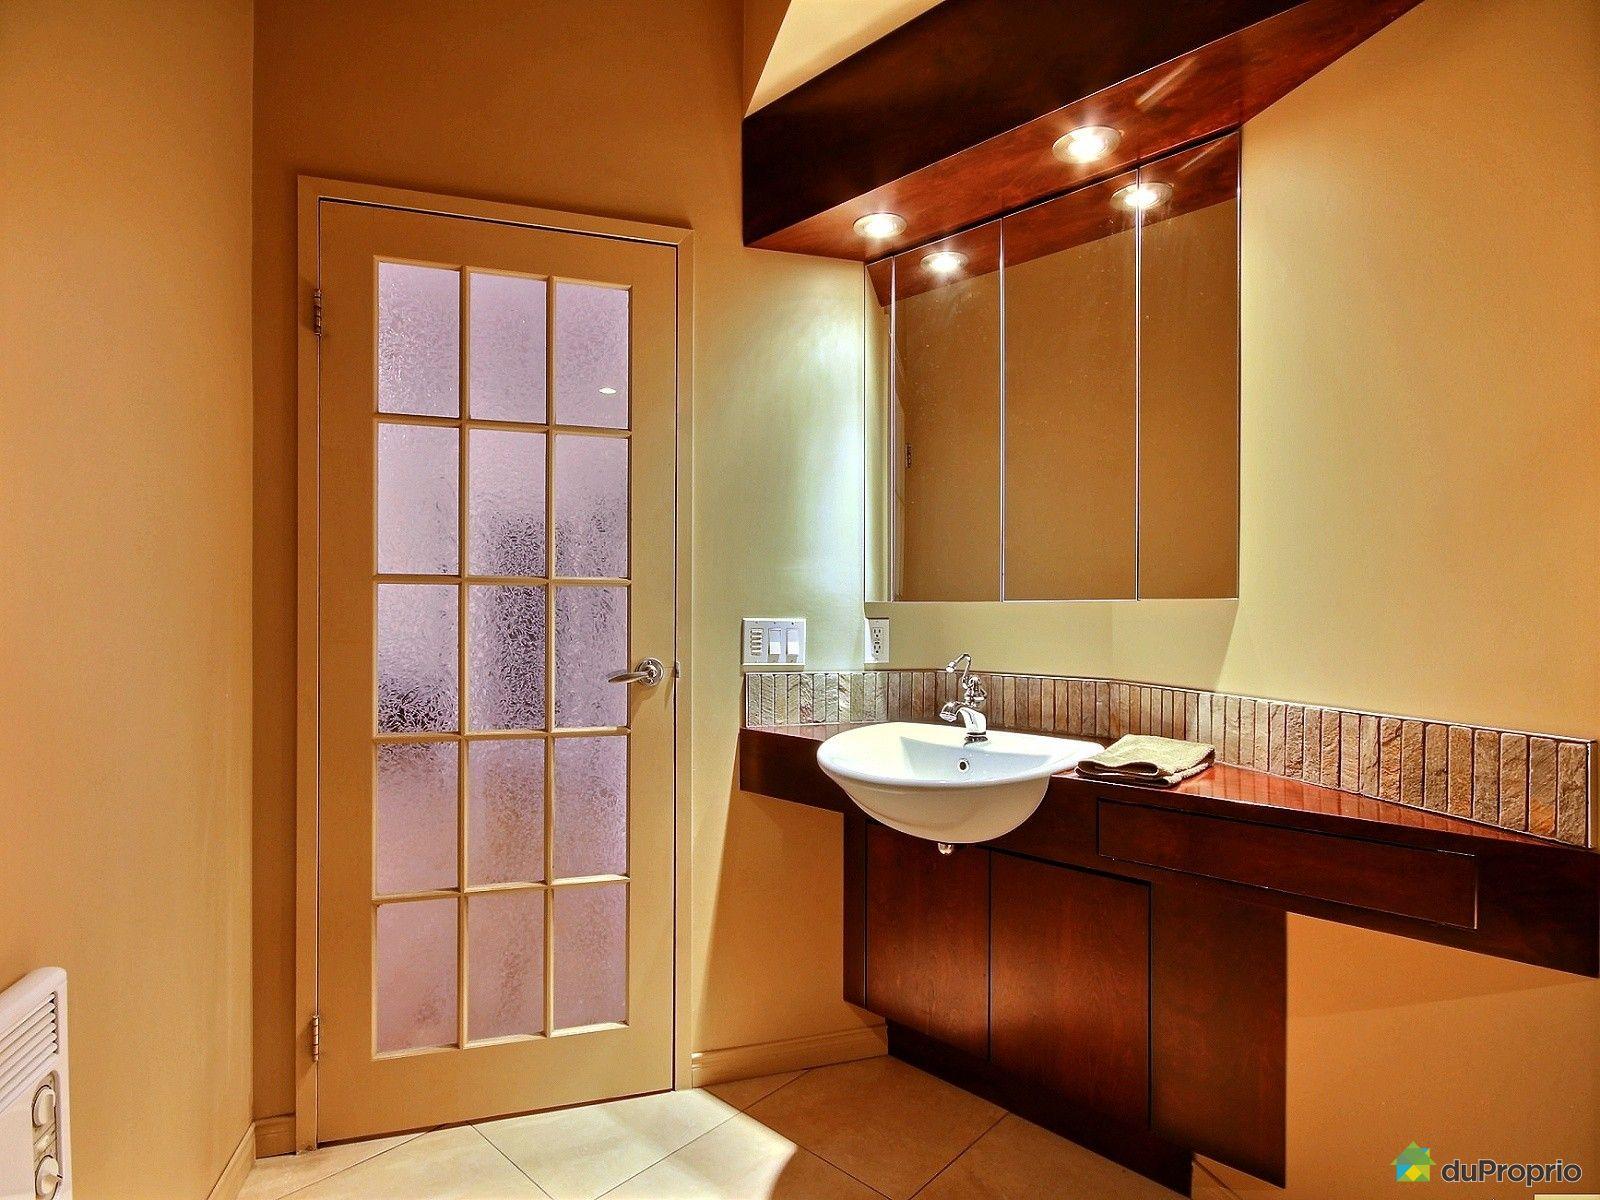 loft vendre st jean baptiste 302 268 rue arago est immobilier qu bec duproprio 607322. Black Bedroom Furniture Sets. Home Design Ideas